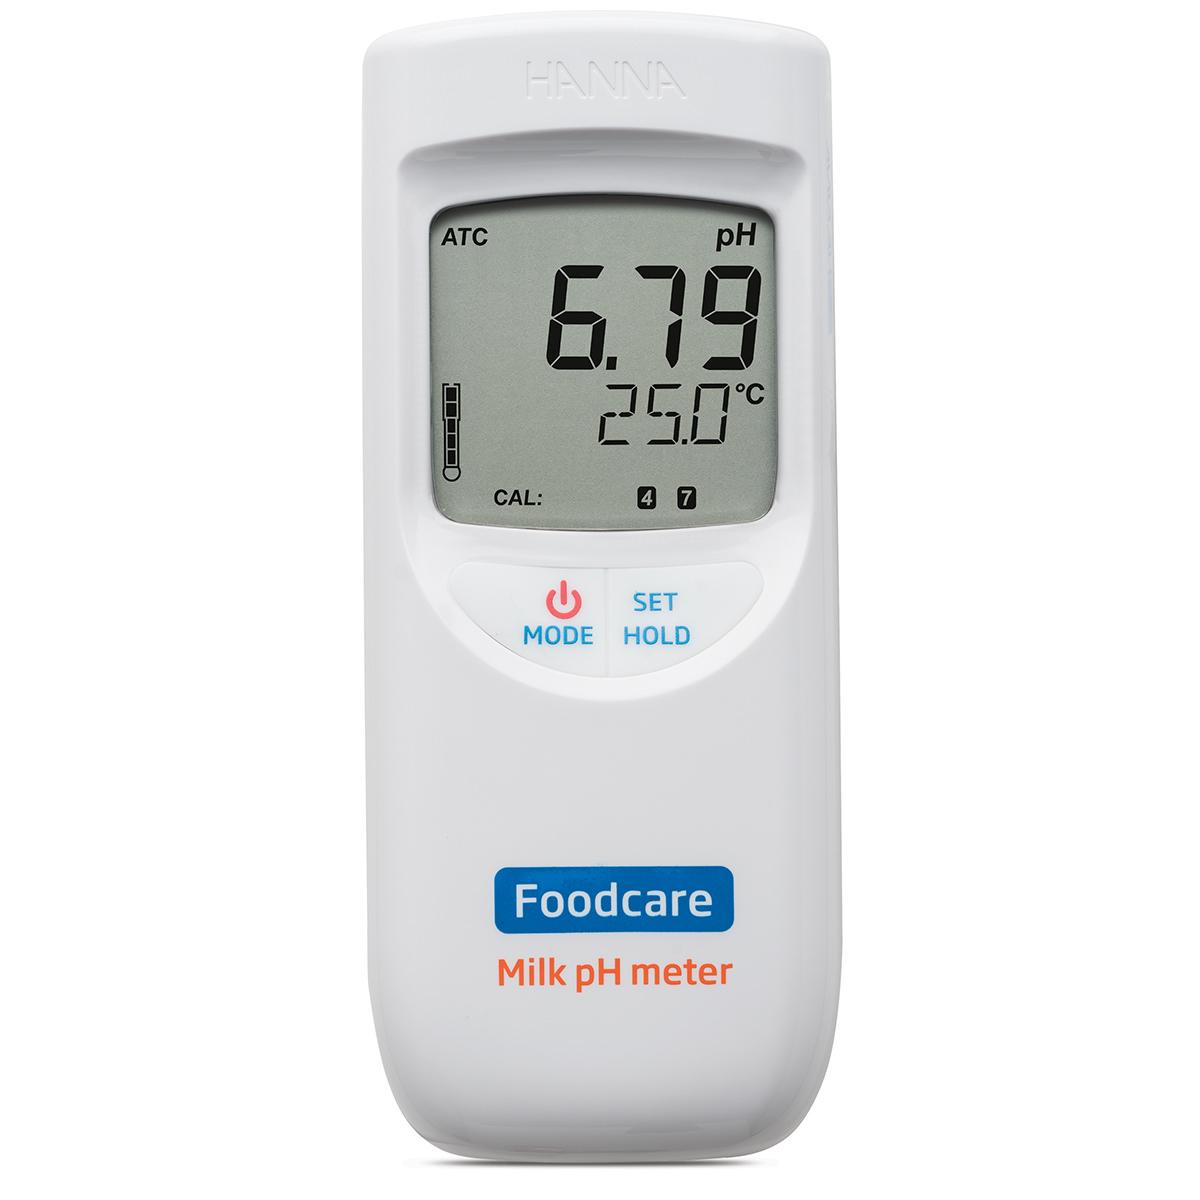 HI99162 Portable pH Meter for Milk